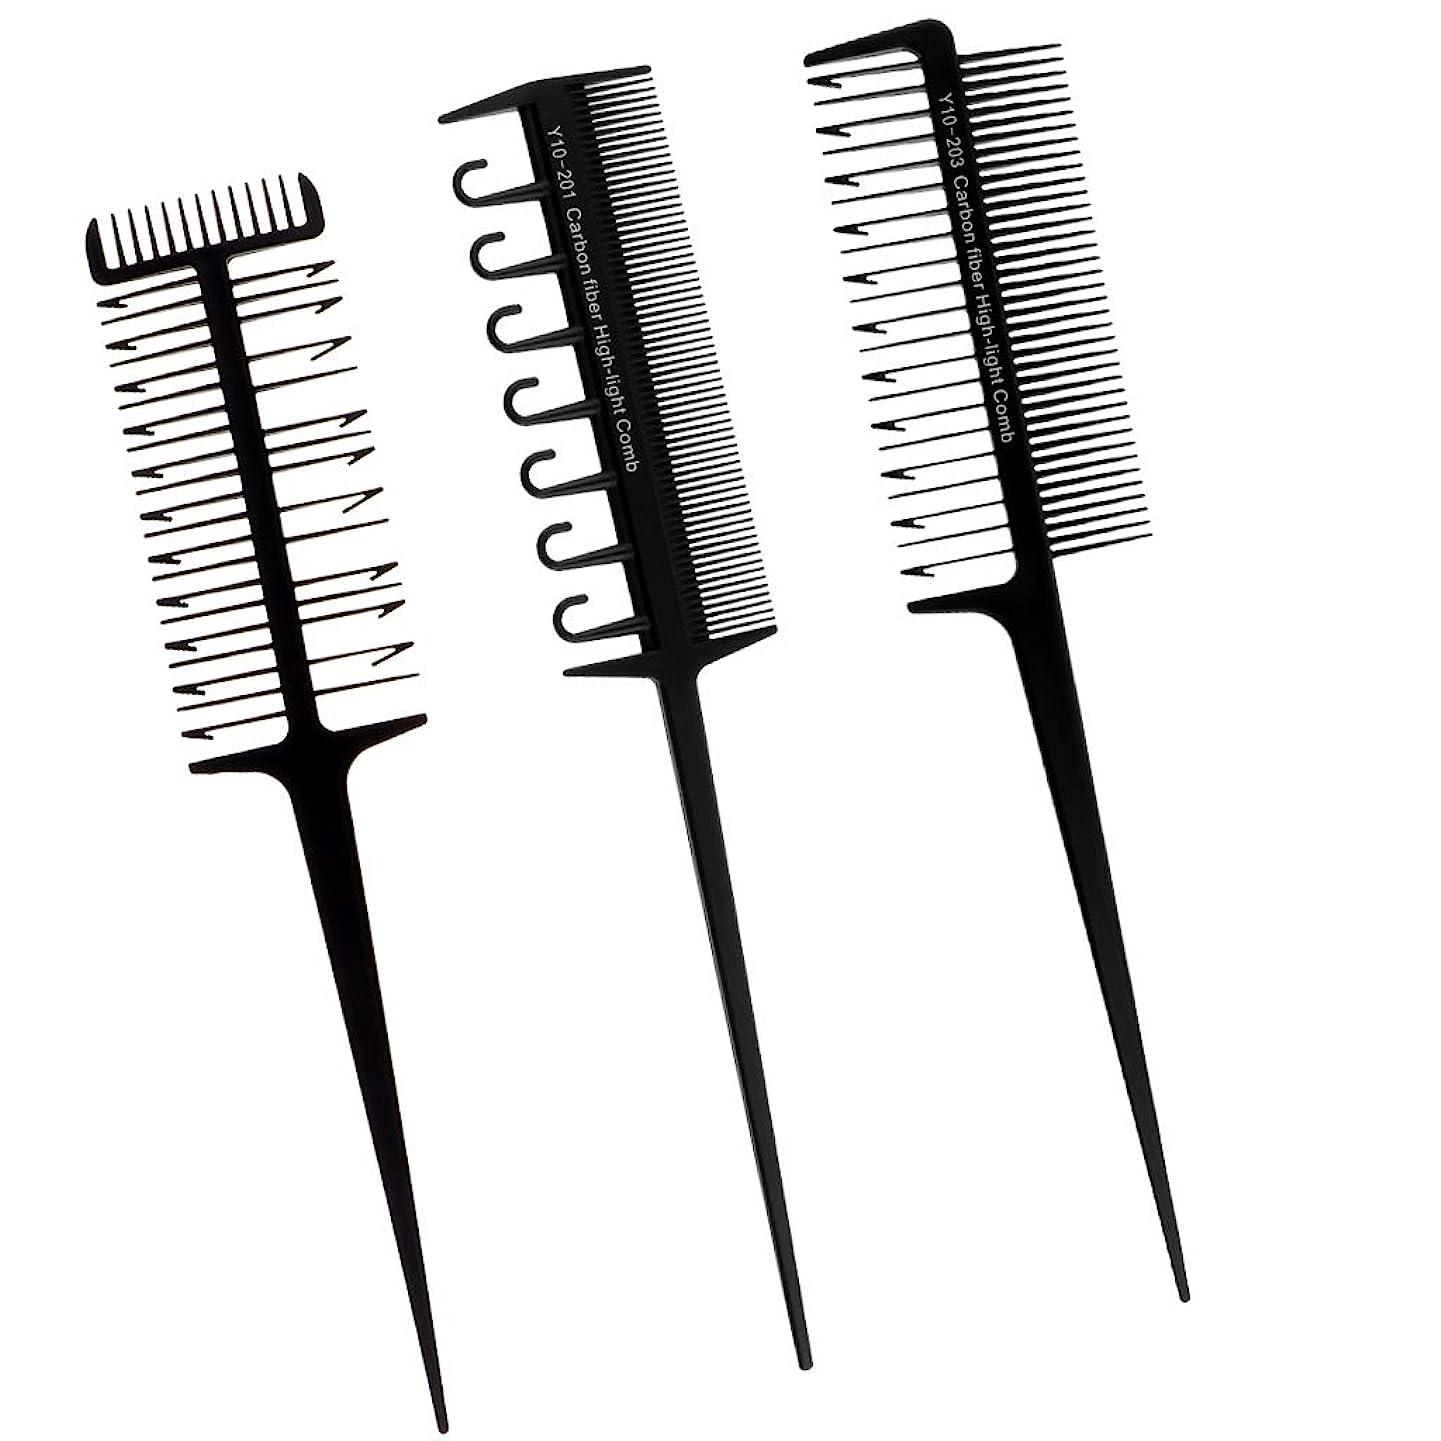 熱心なハンサムバーベキューCUTICATE ヘアダイブラシ プロ用 へアカラーセット DIY髪染め用 サロン 美髪師用 ヘアカラーの用具 3本入